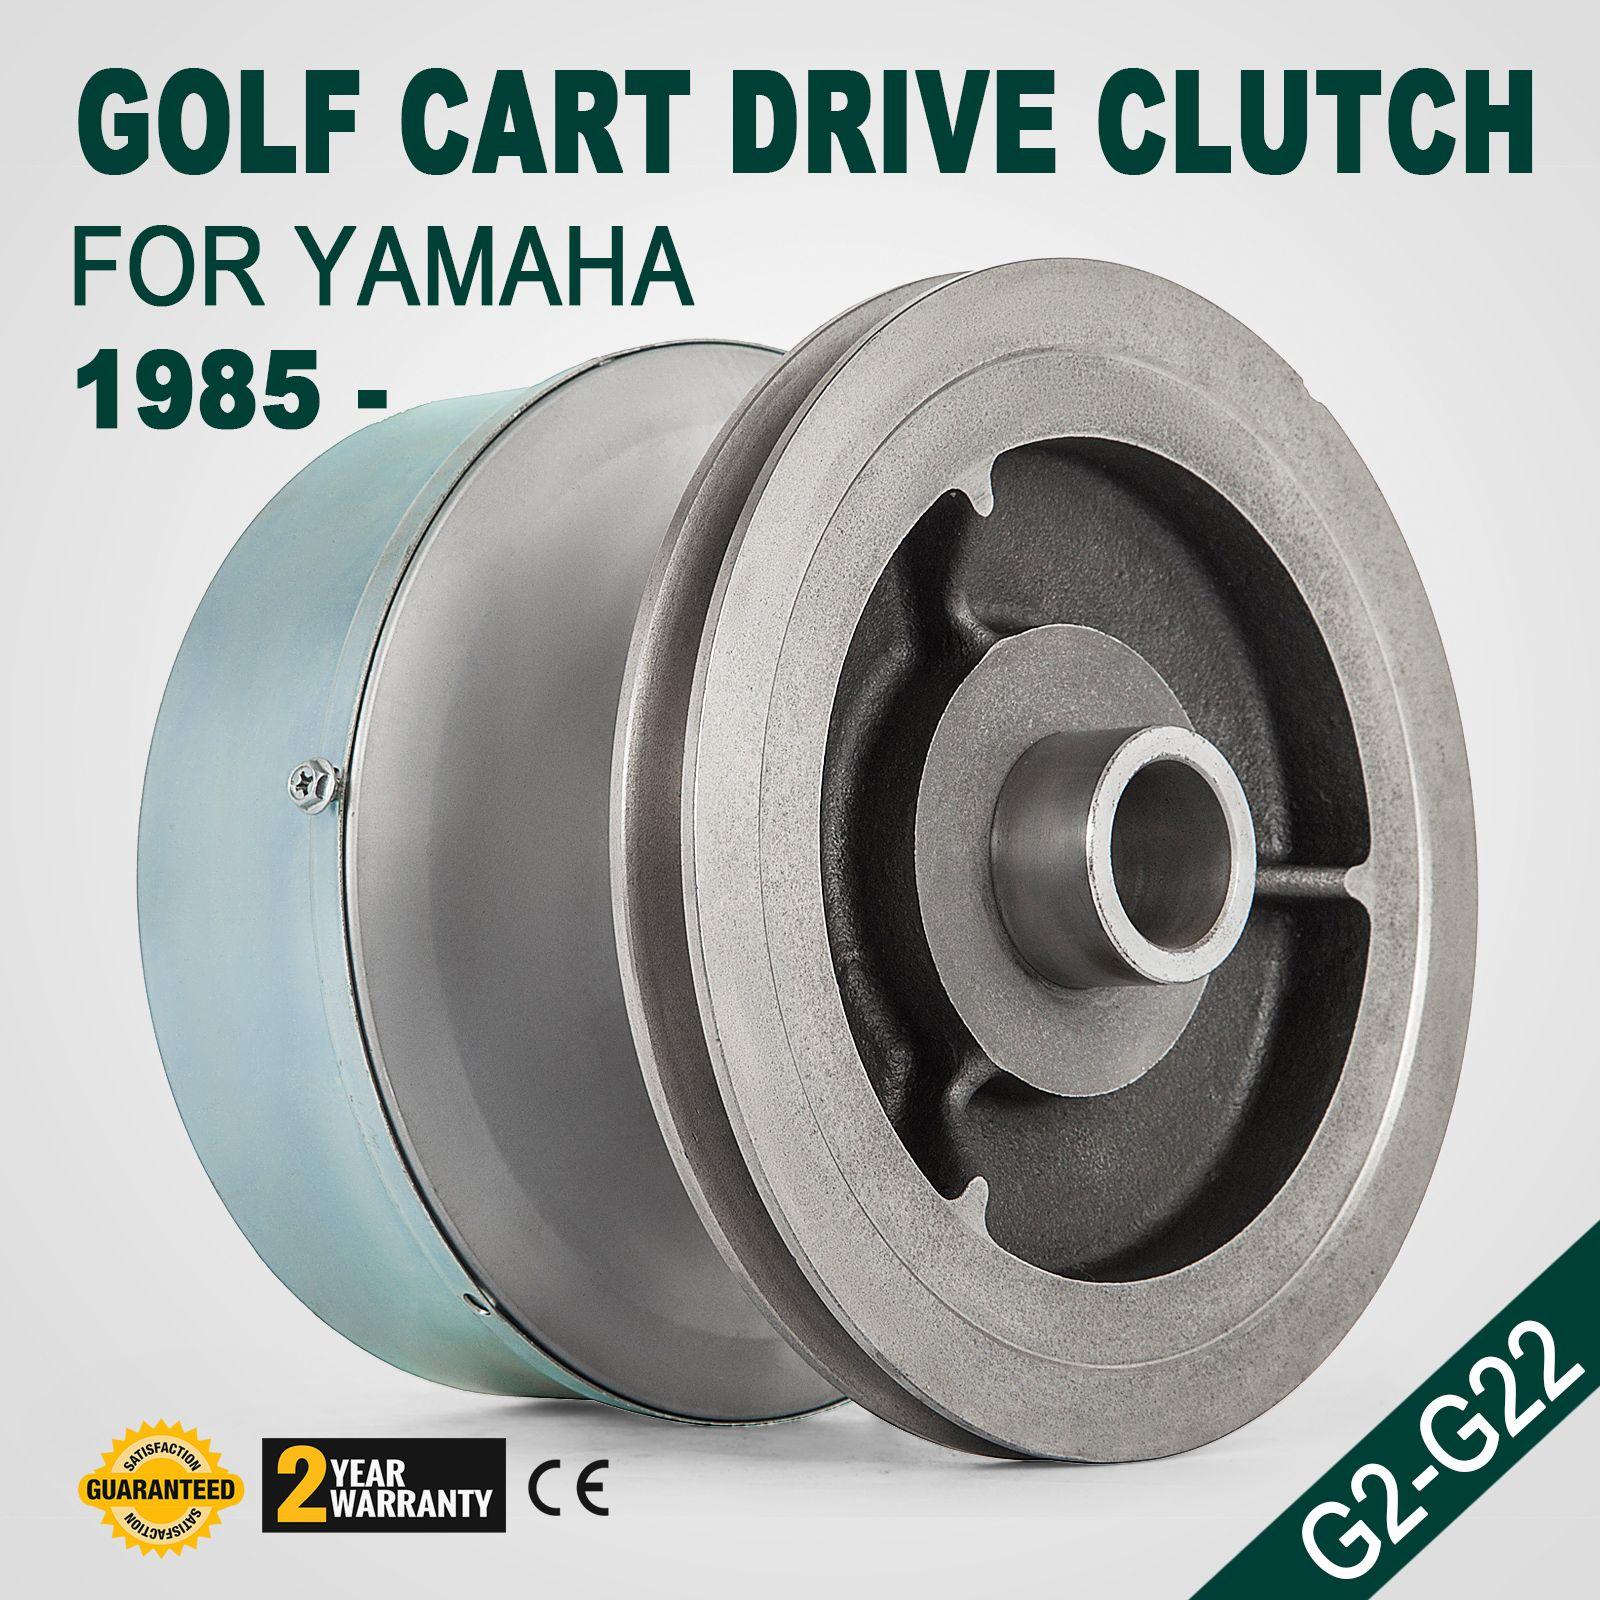 Cart Drive Clutch For Yamaha Golf Cart Part G2-G22 1985- Metal 30MM on yamaha g16 clutch, yamaha drive belt replacement kit, yamaha cart springs, yamaha g1 clutch side, yamaha atv clutch, yamaha g 2 power kit, yamaha snowmobile clutch, 1982 yamaha g1 clutch,